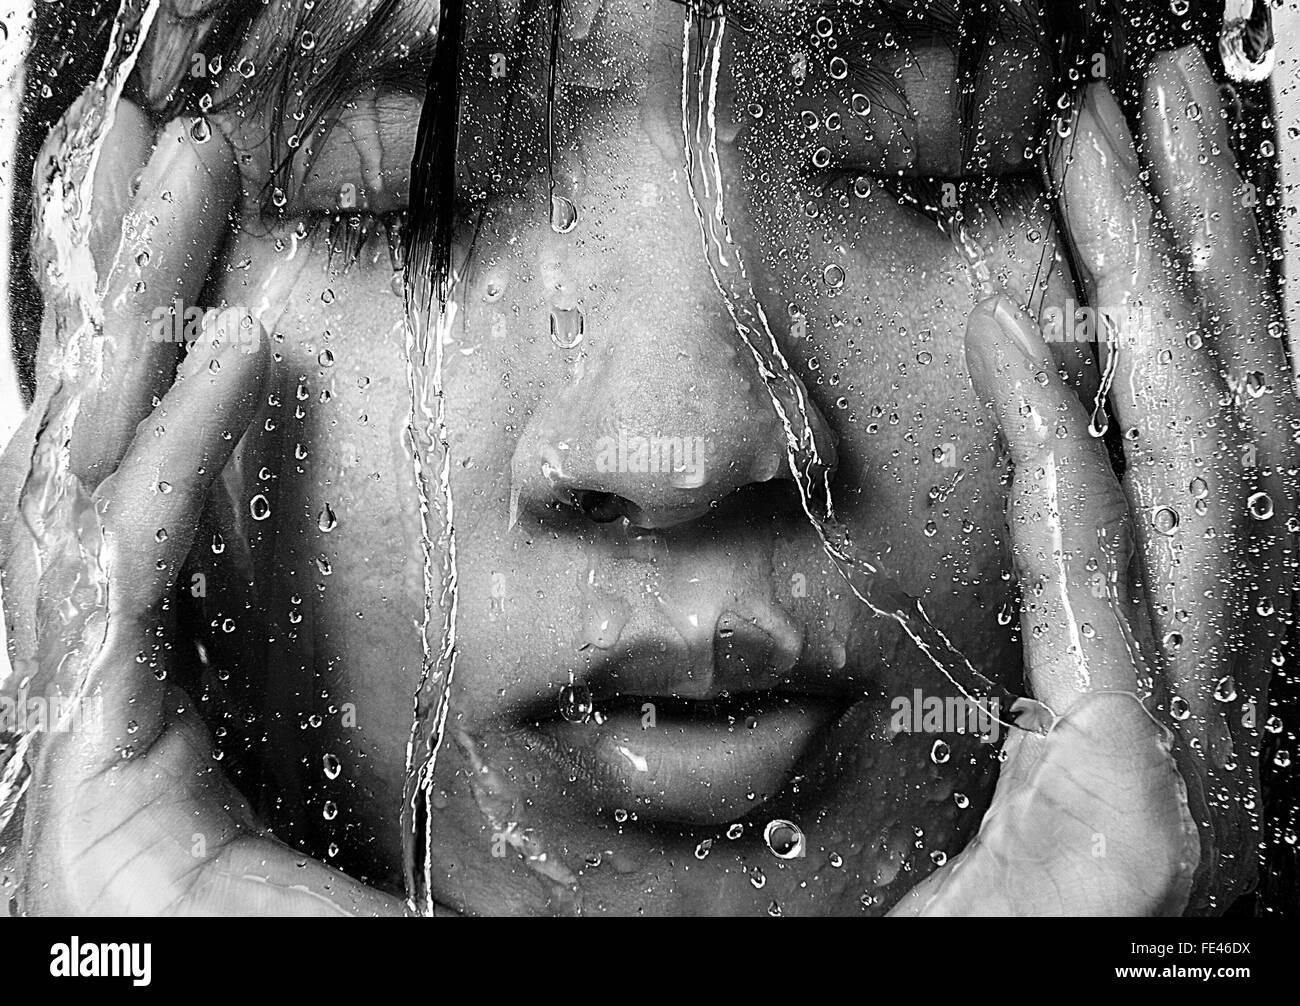 Mujer en la ducha vistos a través de cristal húmedo Imagen De Stock